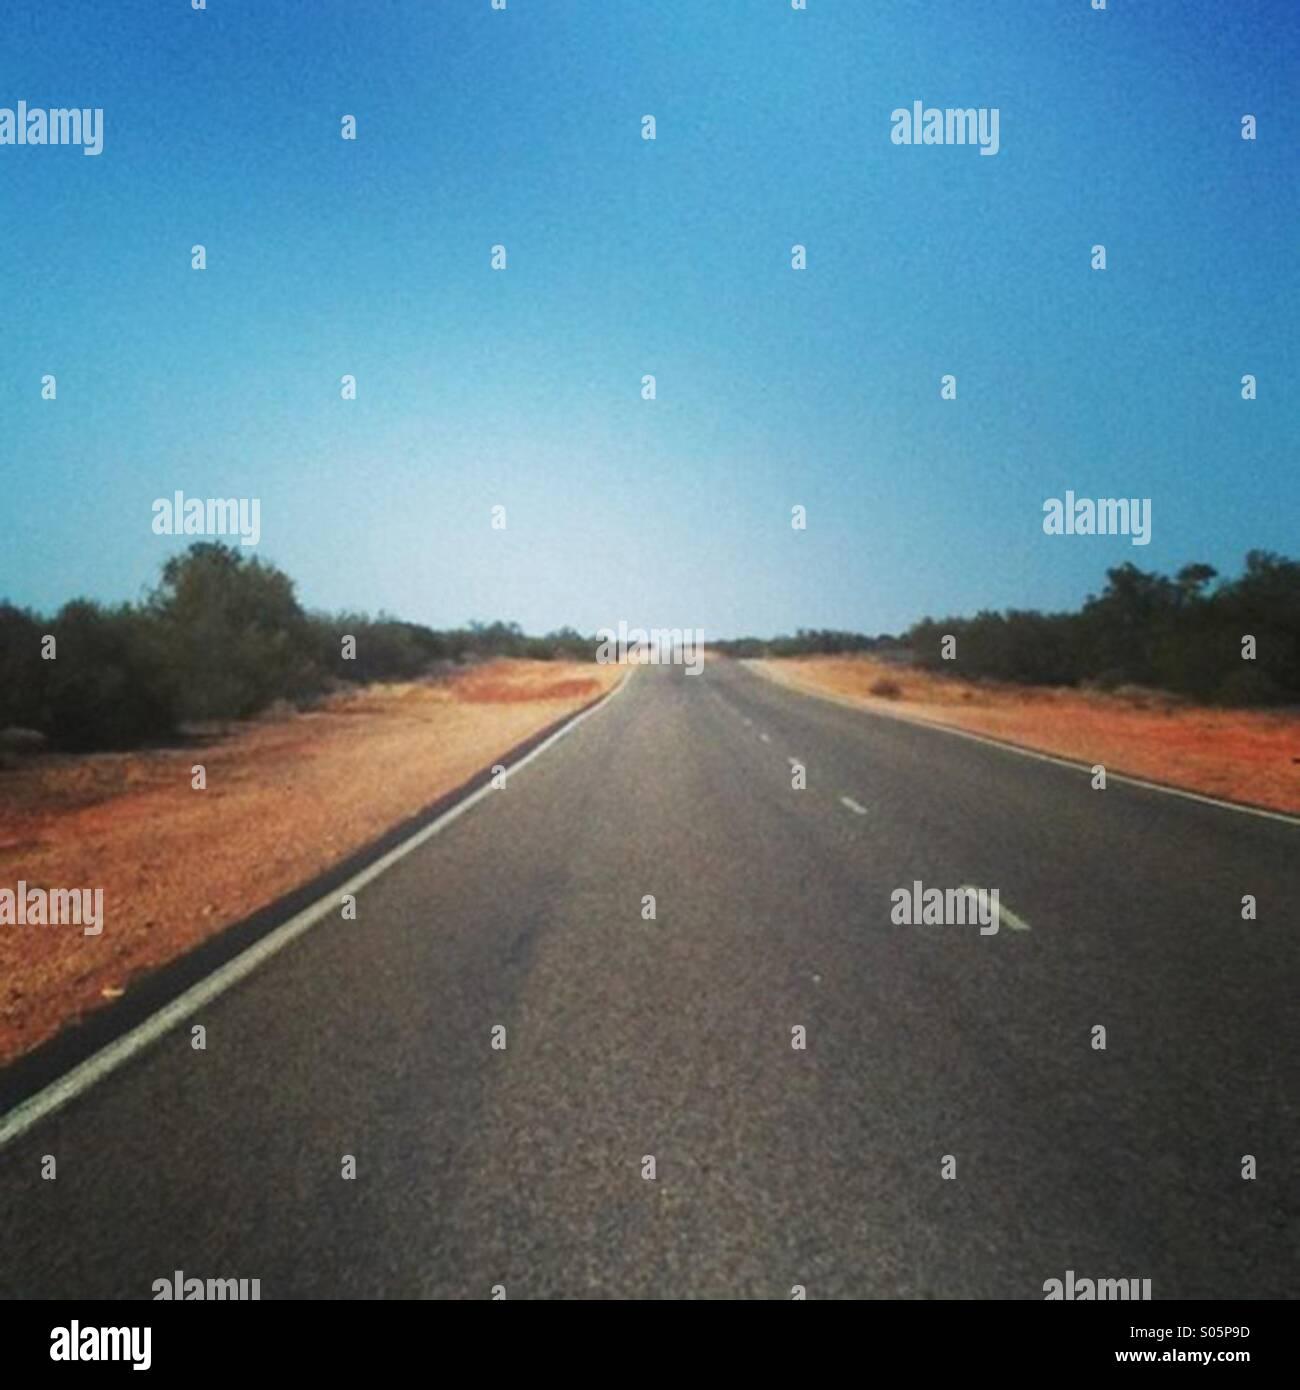 Et longue route droite dans l'ouest de l'outback australien Photo Stock